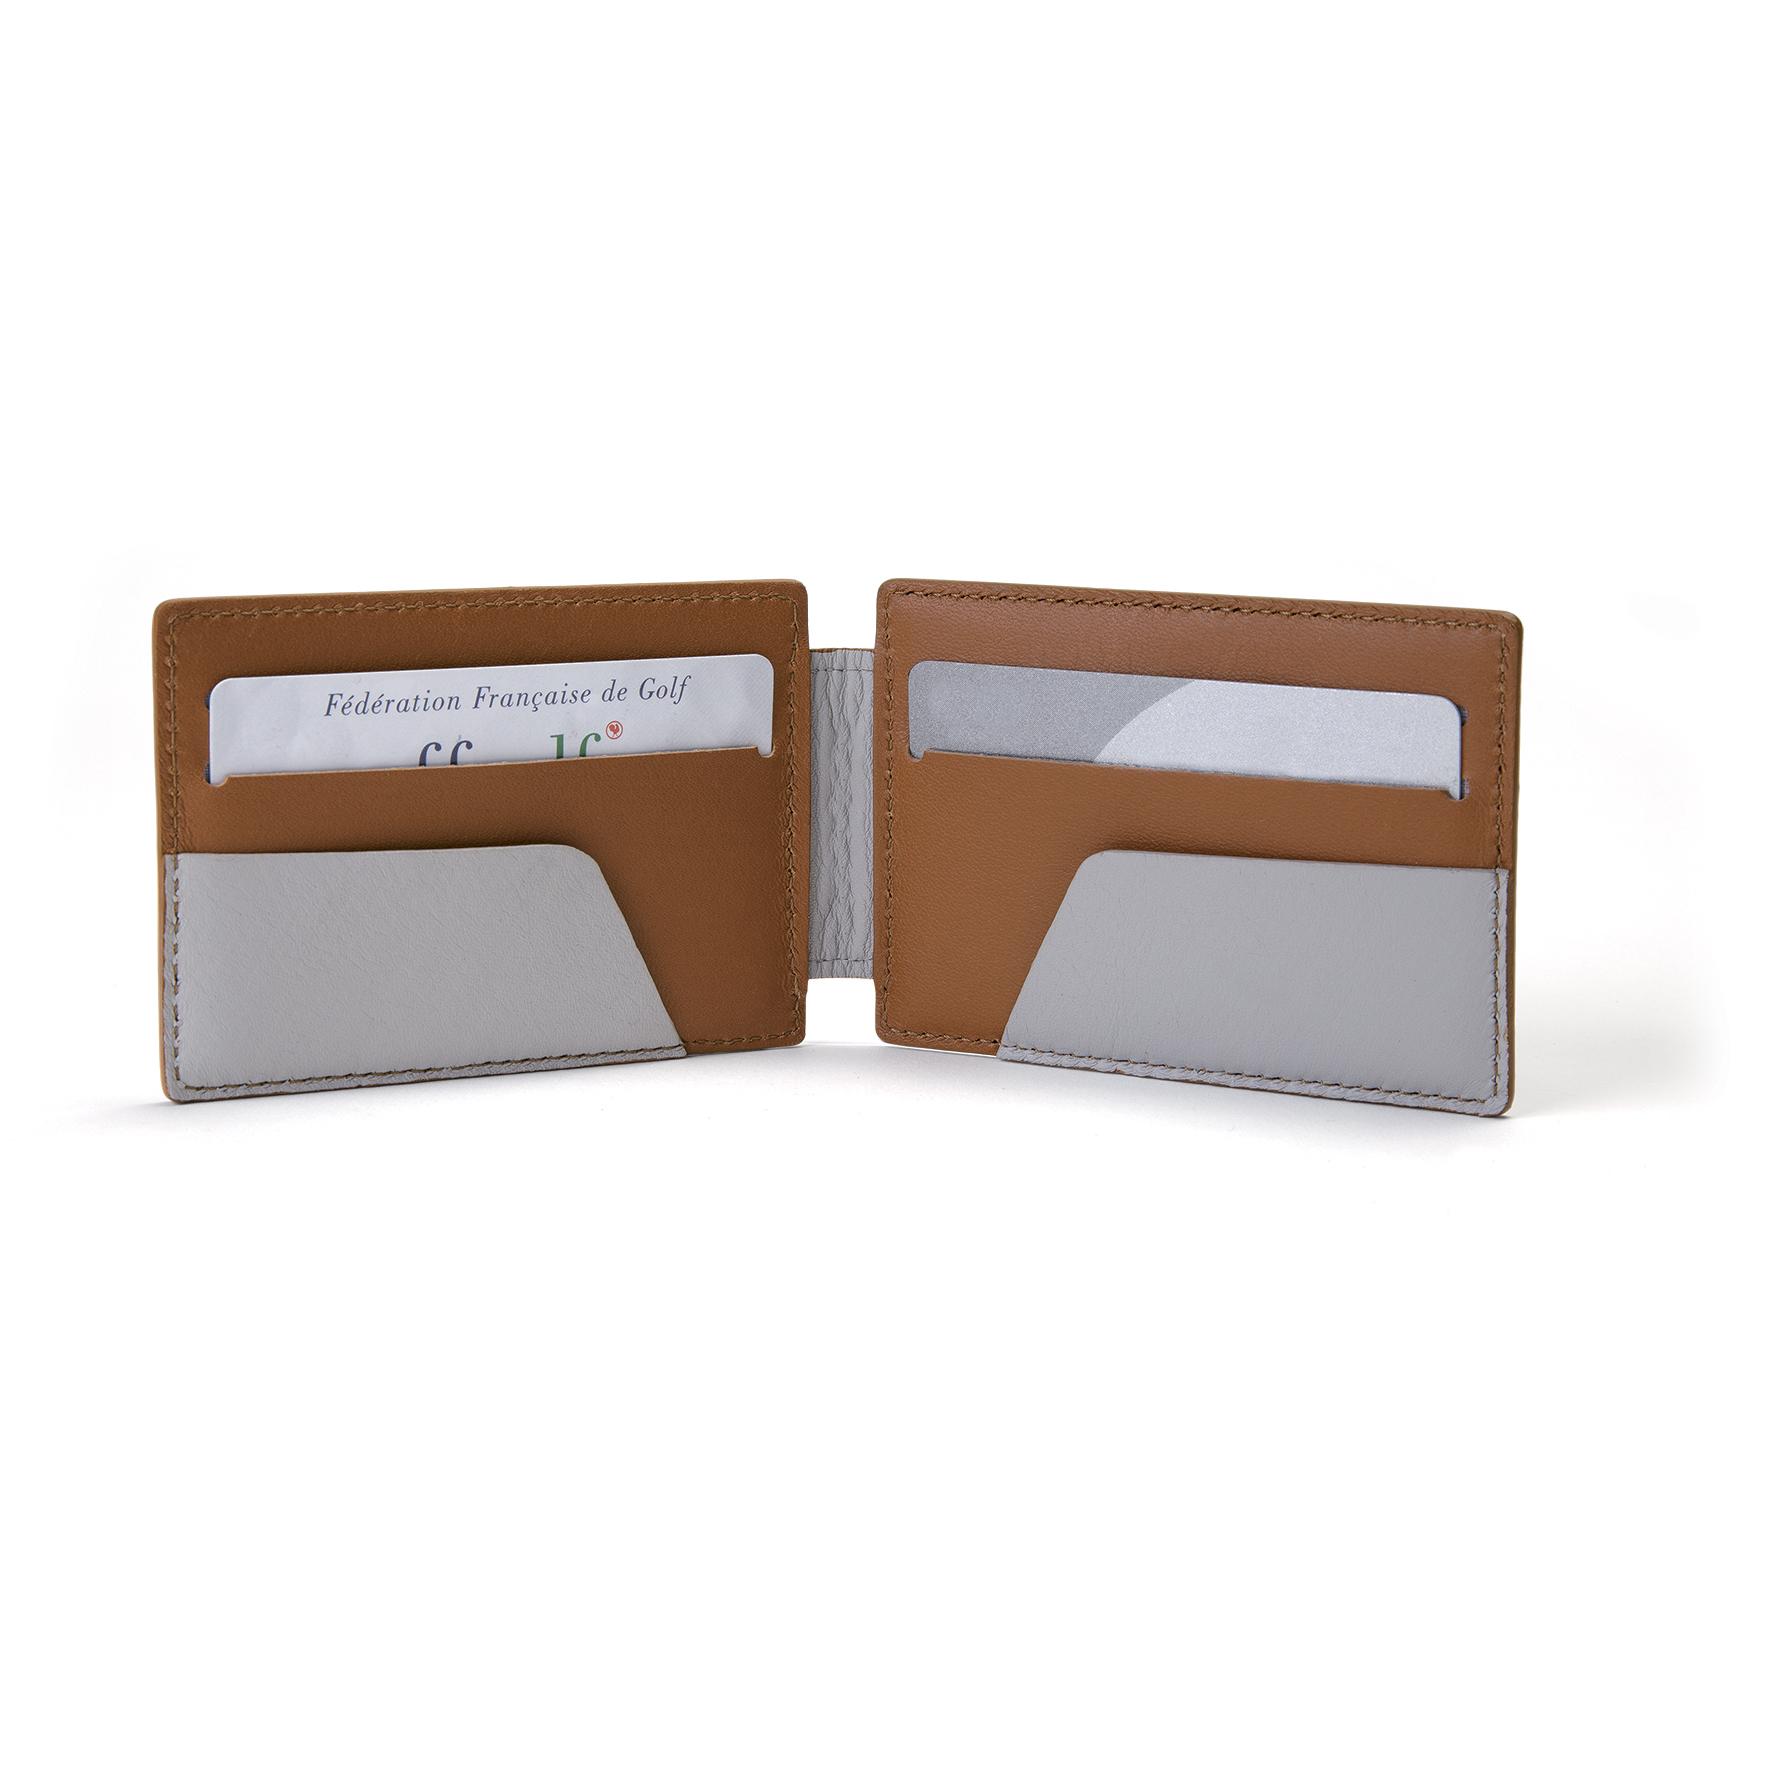 Porte-carte RFID de Suzanne et Léon